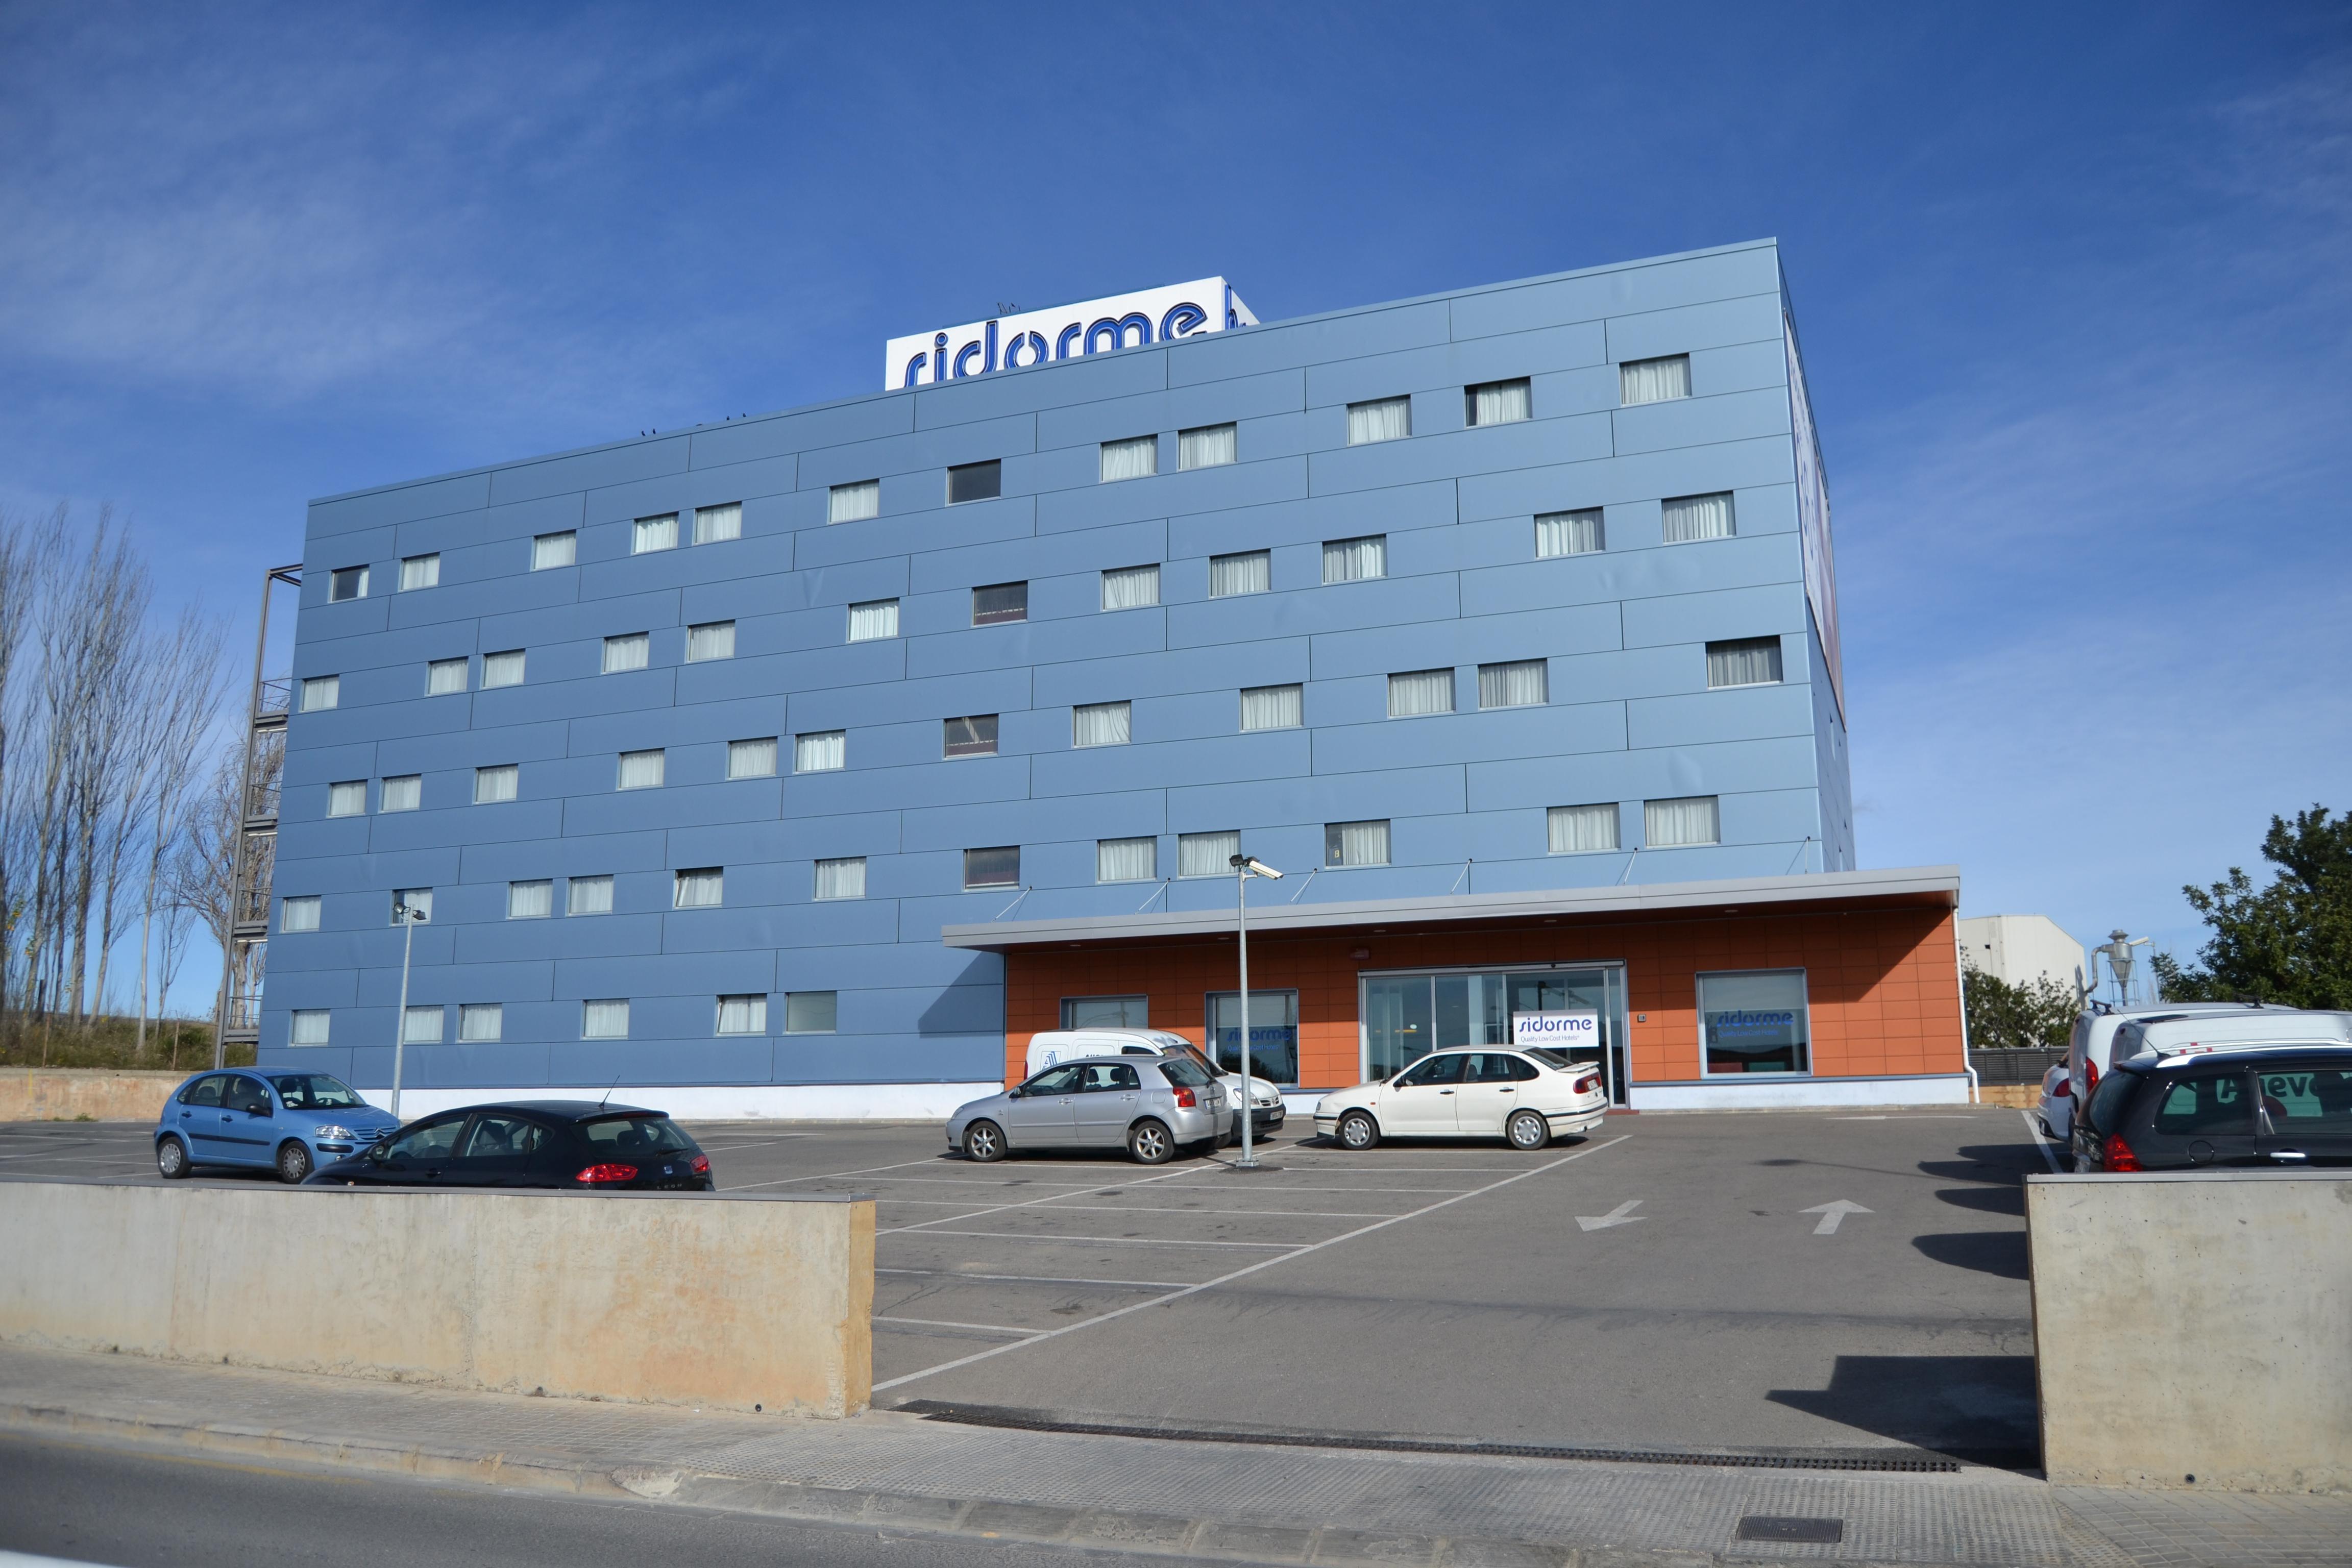 La cadena Sidorme abre su primer hotel en el País Vasco: el Sidorme Donostia